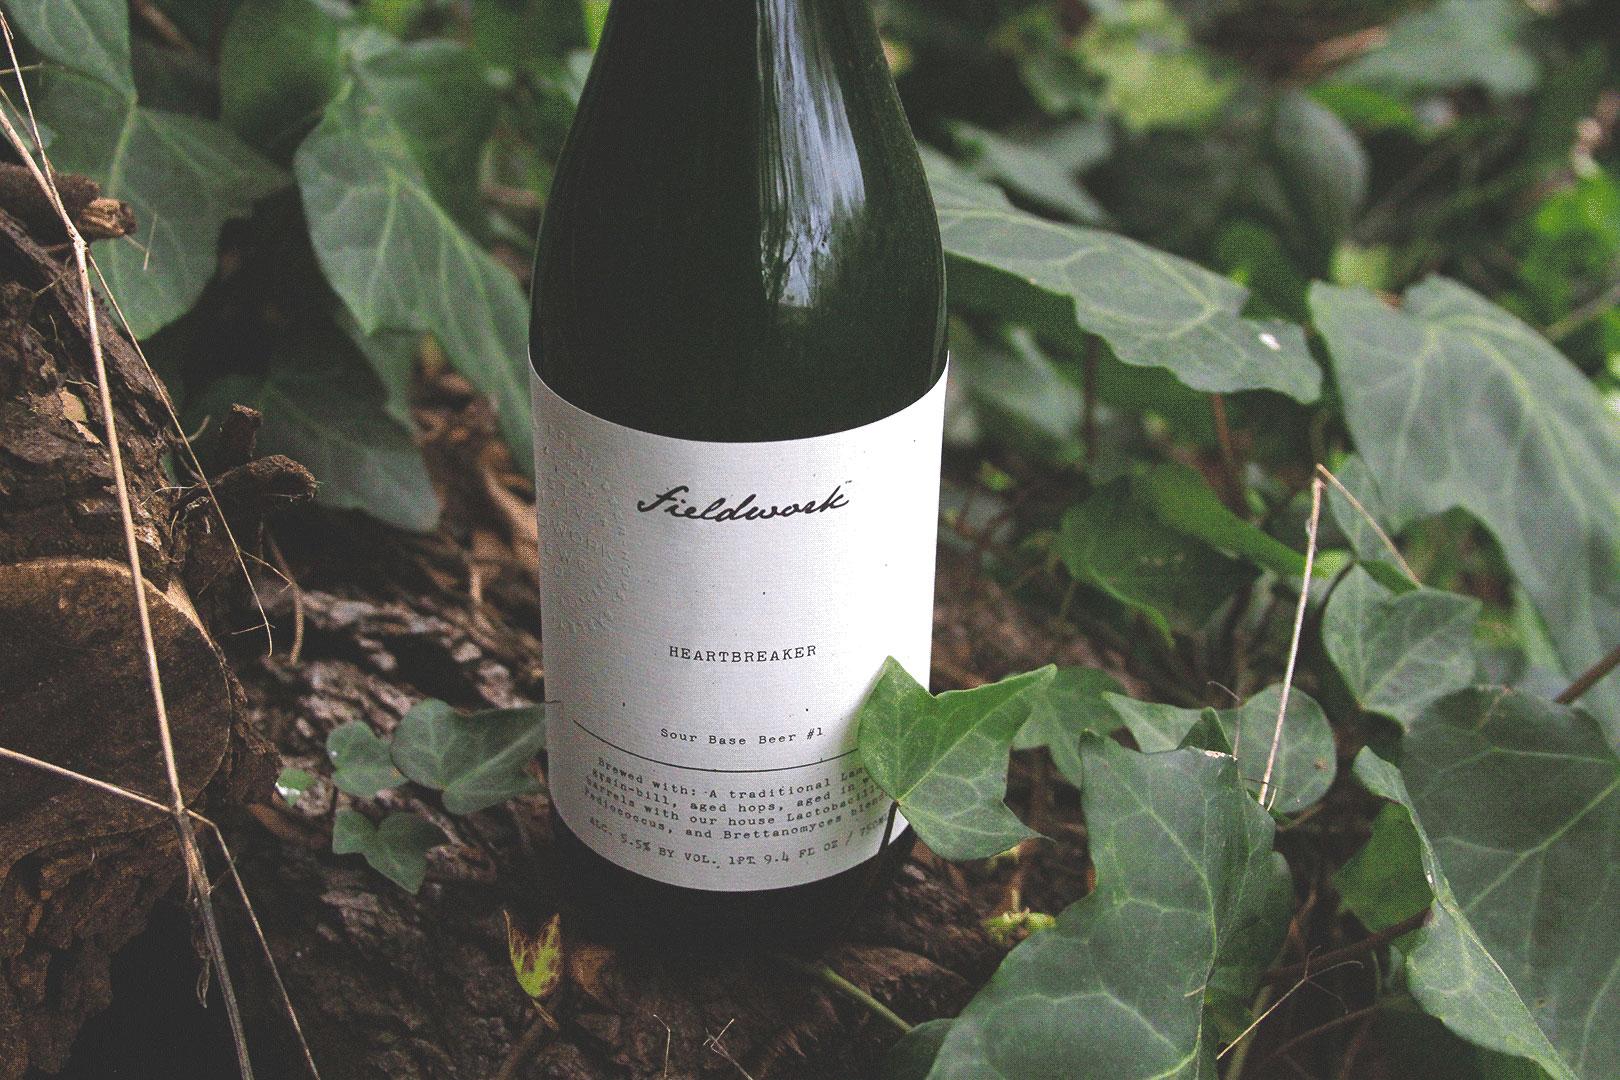 fieldwork-bottles-heartbreaker